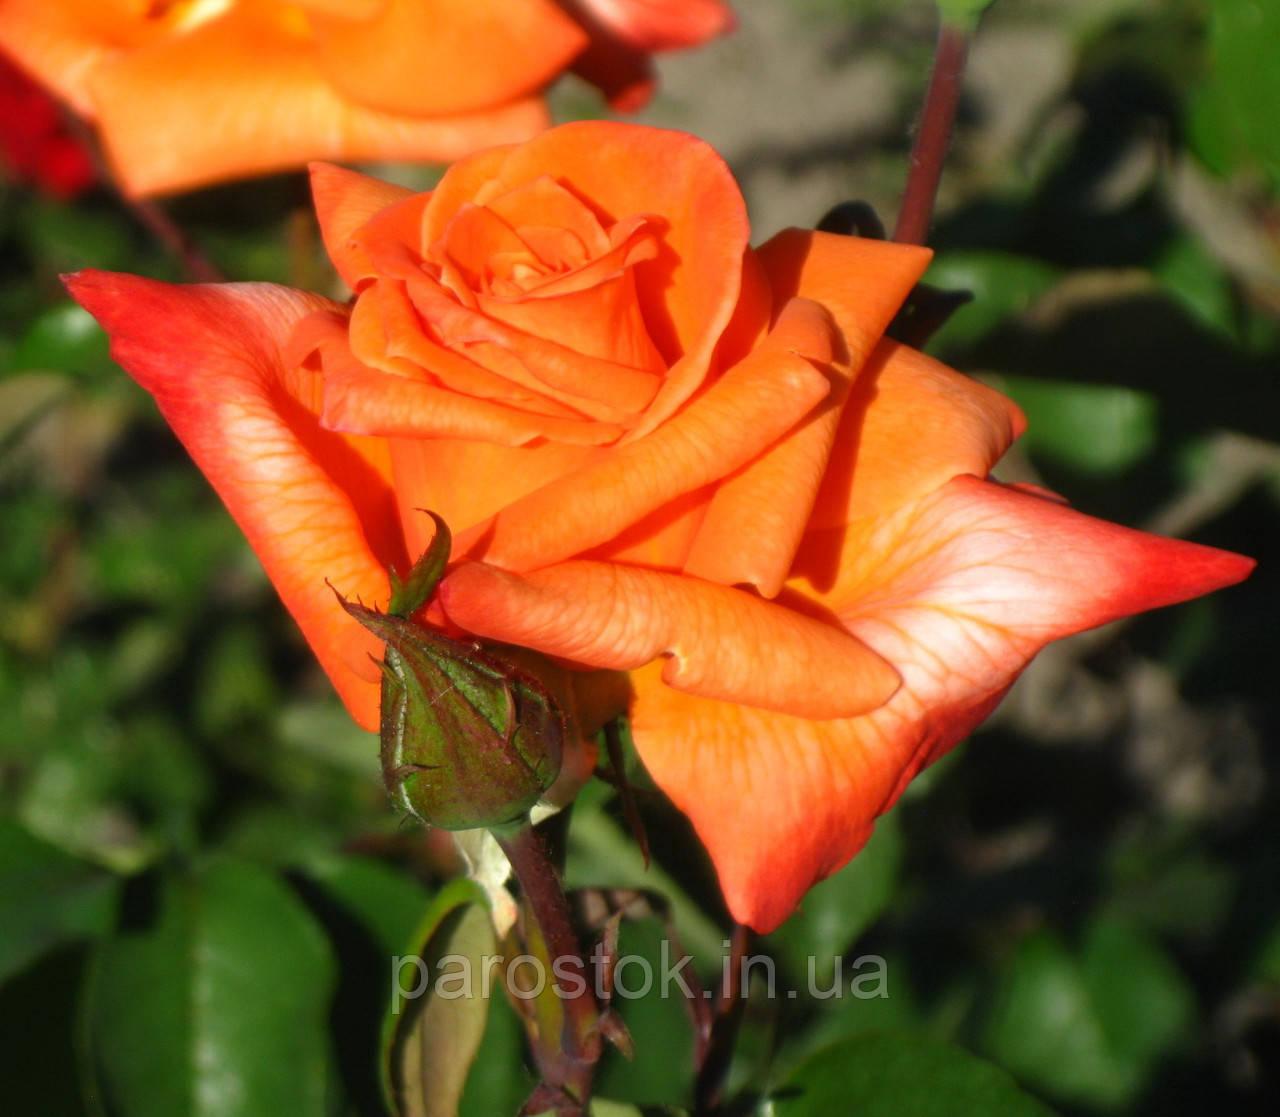 Роза Ловерс Метинг. Чайно-гибридная роза.